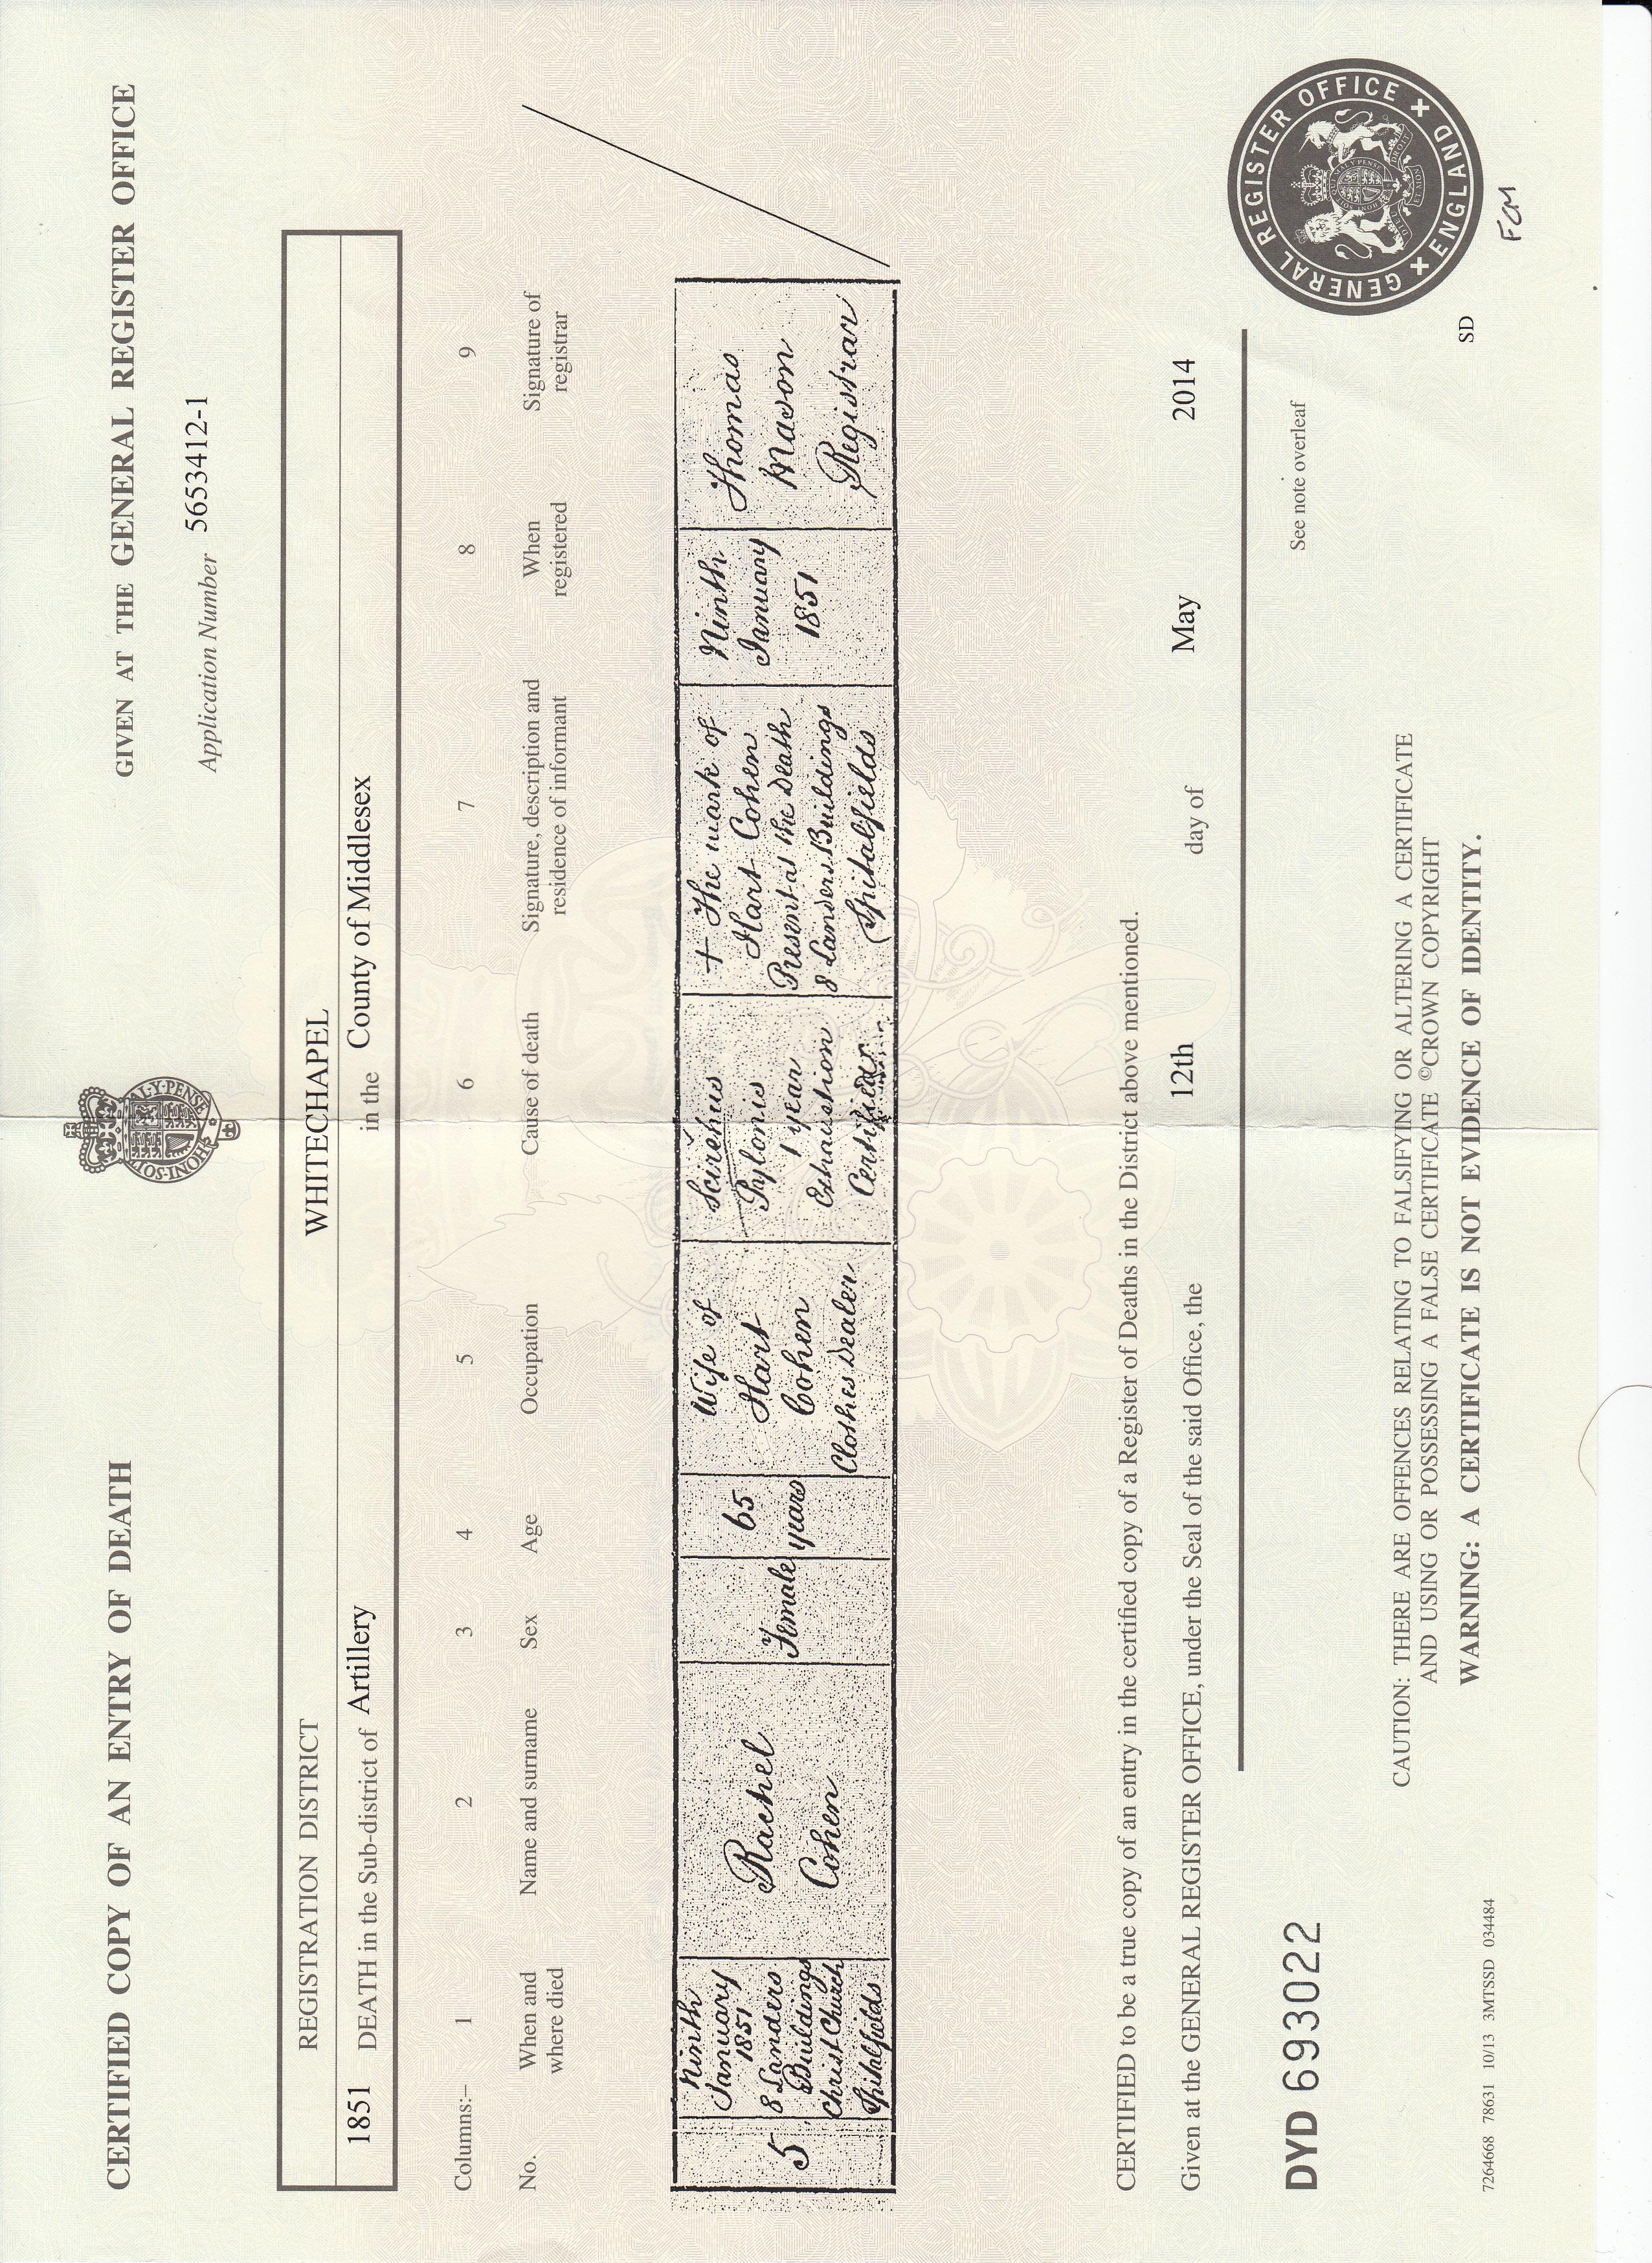 Vital records brotmanblog a family journey rachel jacobs cohen death certificate xflitez Image collections